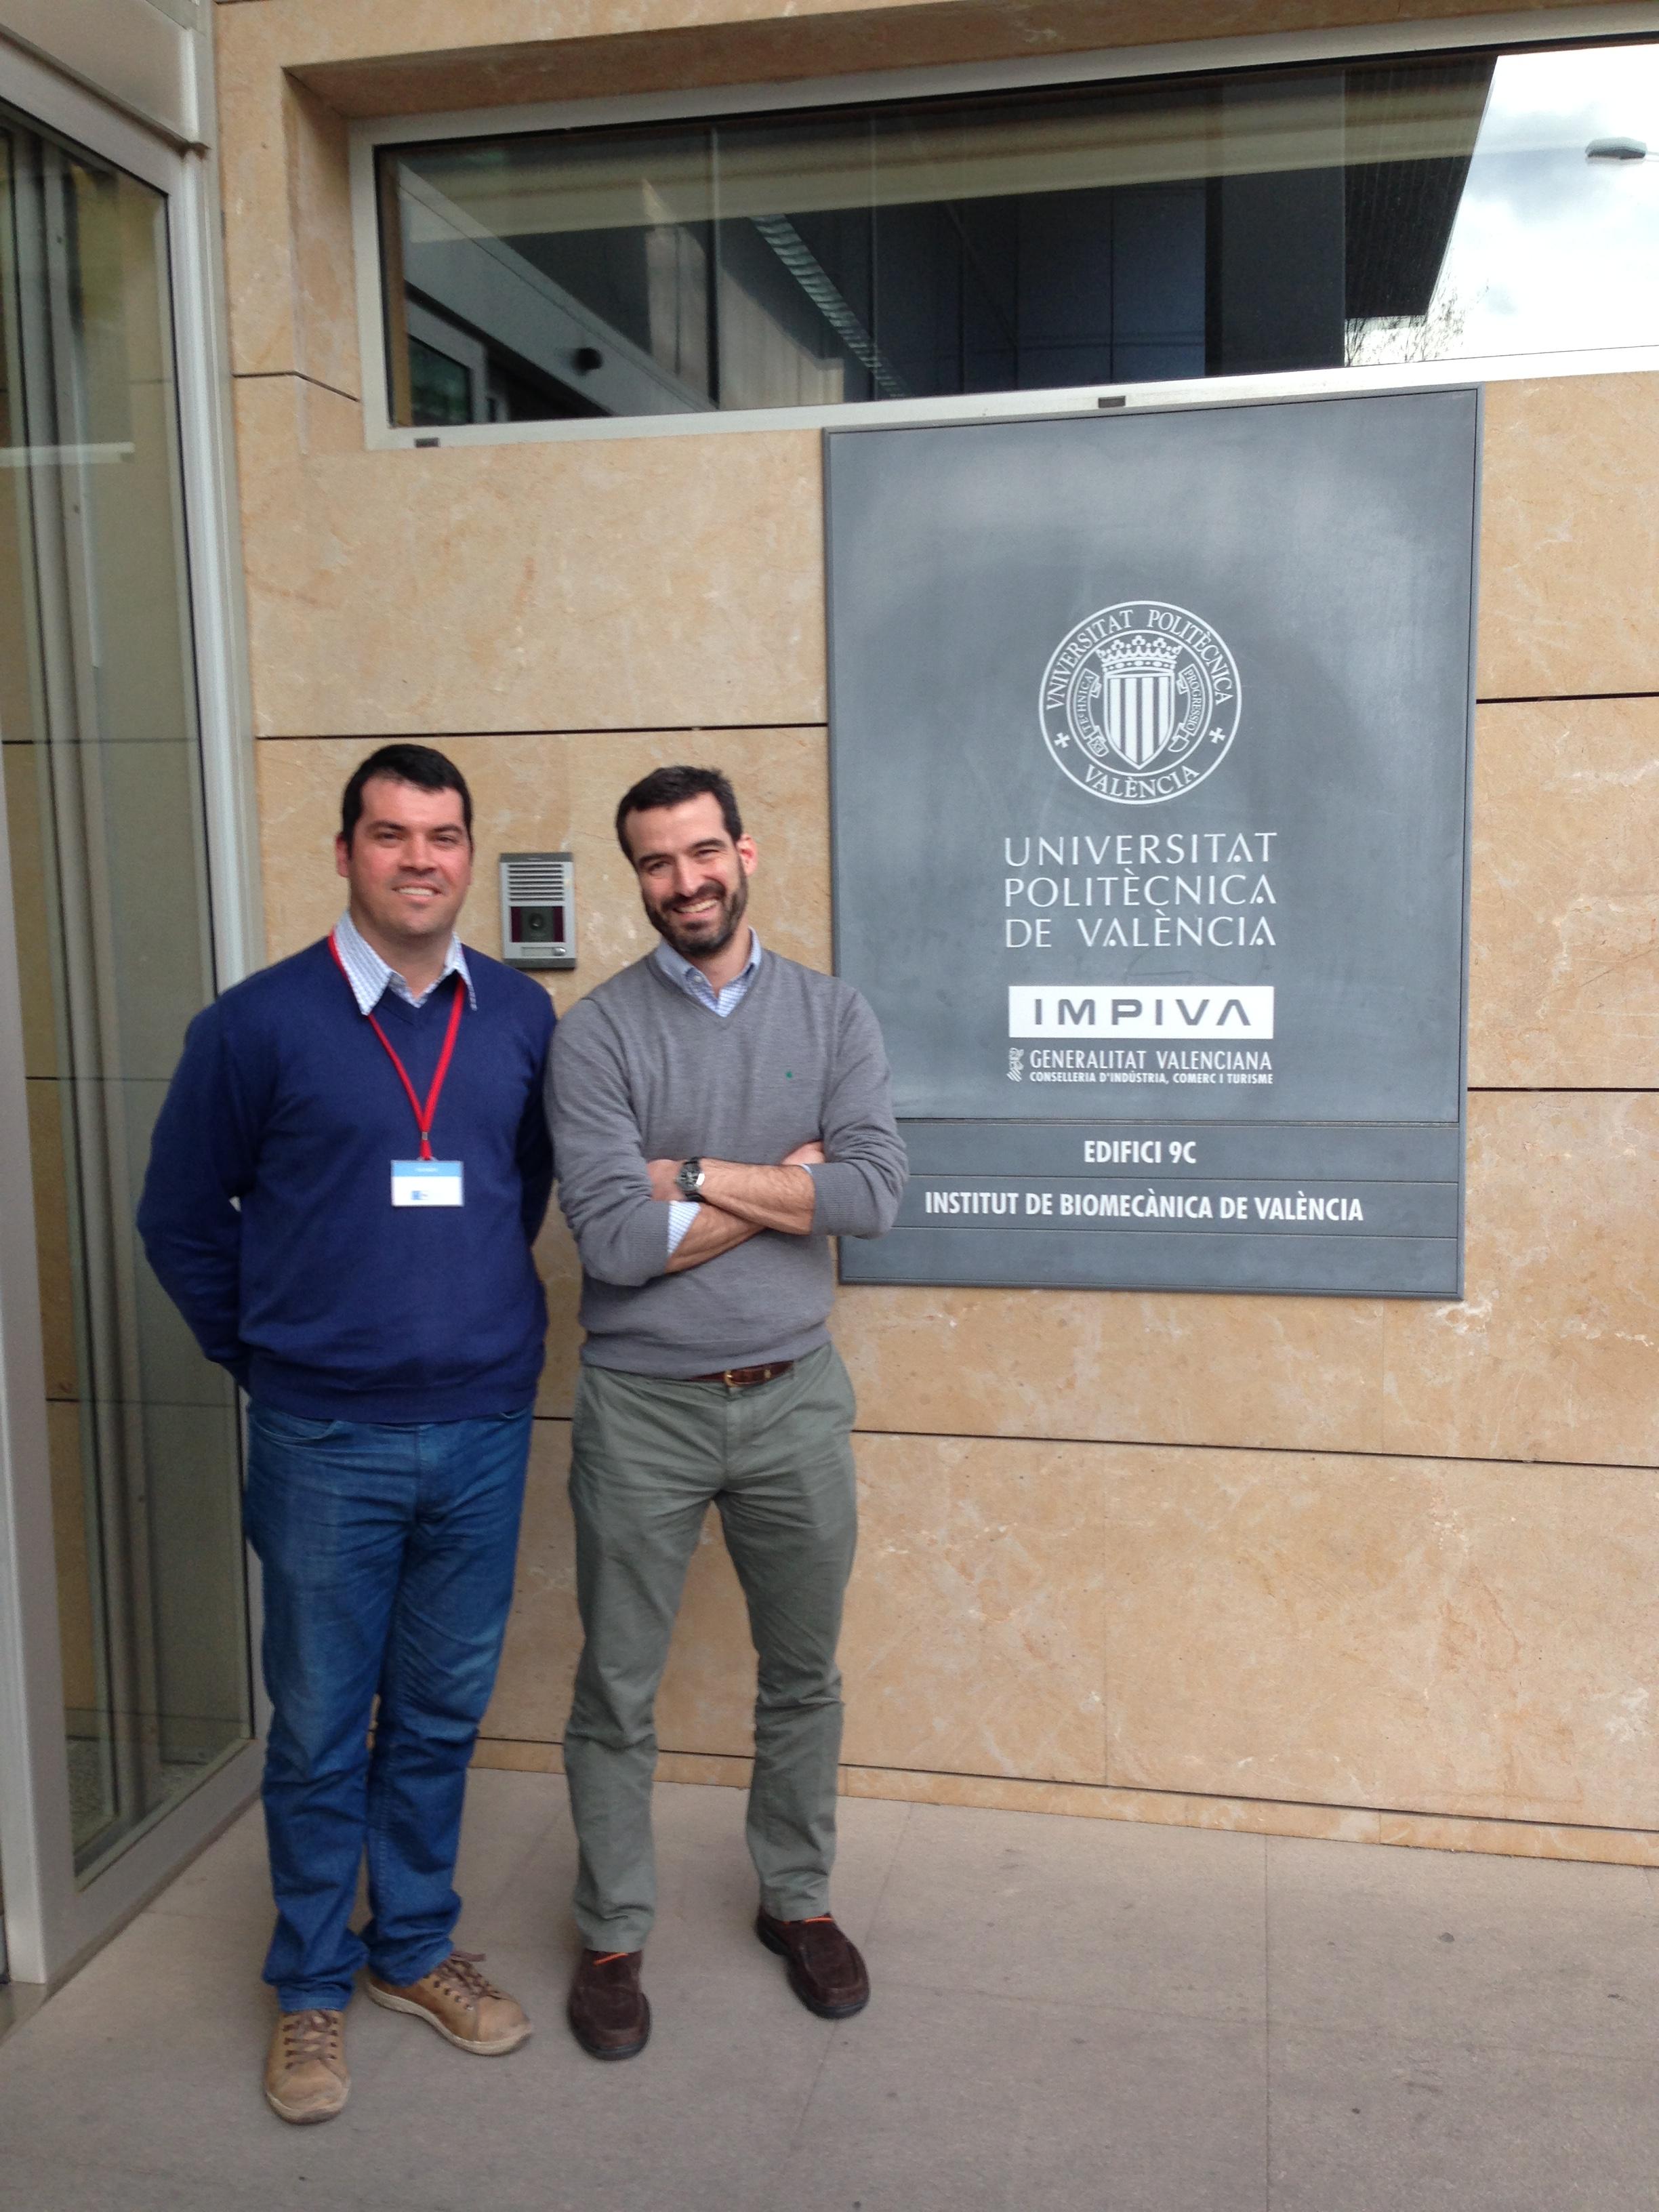 dois homens, o da esquerda sendo o professor Felipe carpes, posam para a foto ao lado de placa do Instituto de biomecânica de Valência